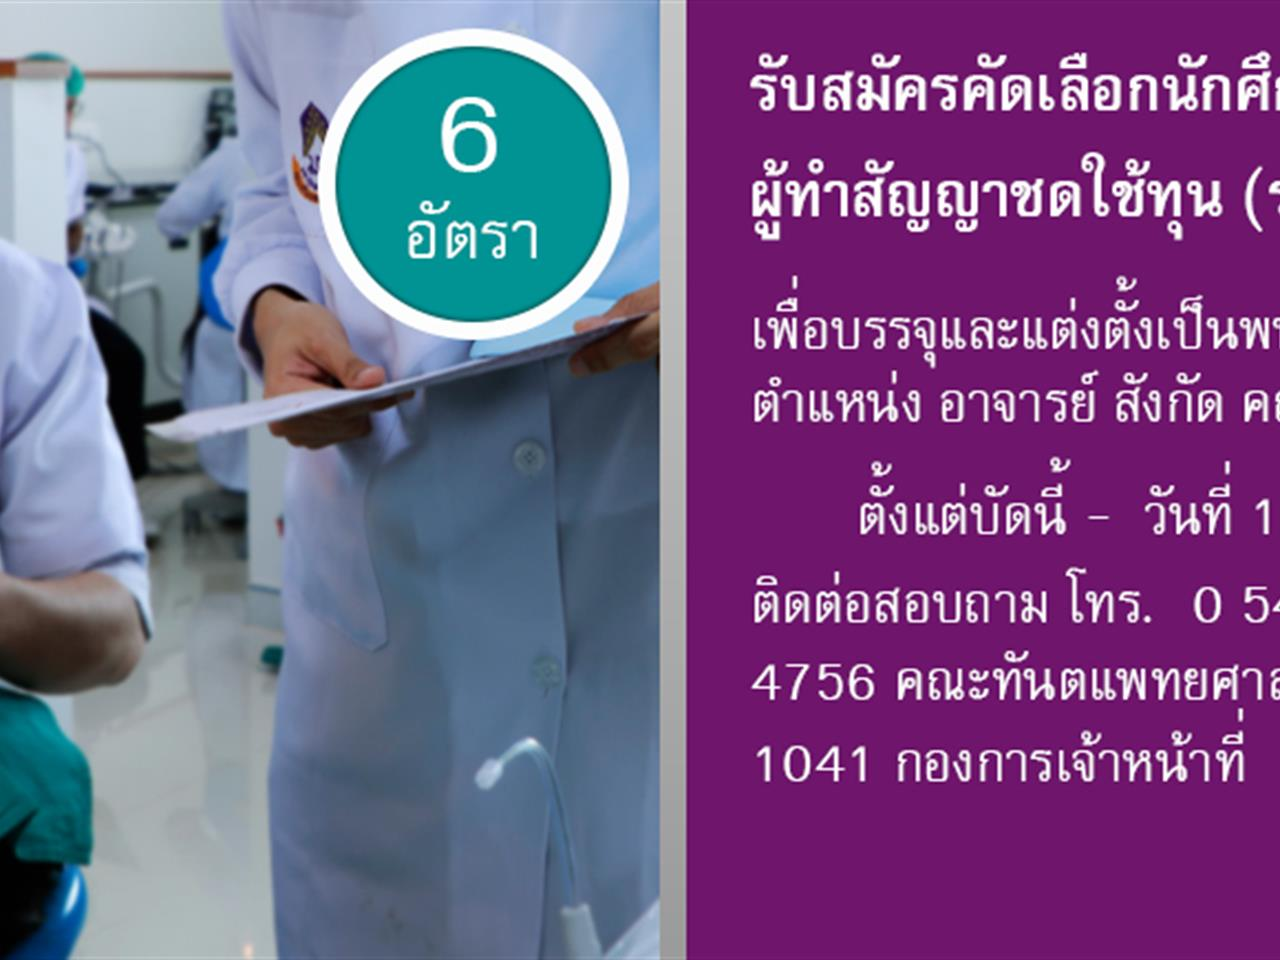 รับสมัครคัดเลือกนักศึกษาทันตแพทย์ผู้ทำสัญญาชดใช้ทุน เพื่อบรรจุและแต่งตั้งเป็นพนักงานสายวิชาการ ตำแหน่ง อาจารย์ สังกัด คณะทันตแพทยศาสตร์ มหาวิทยาลัยพะเยา (รอบที่ 3) จำนวน 6 อัตรา